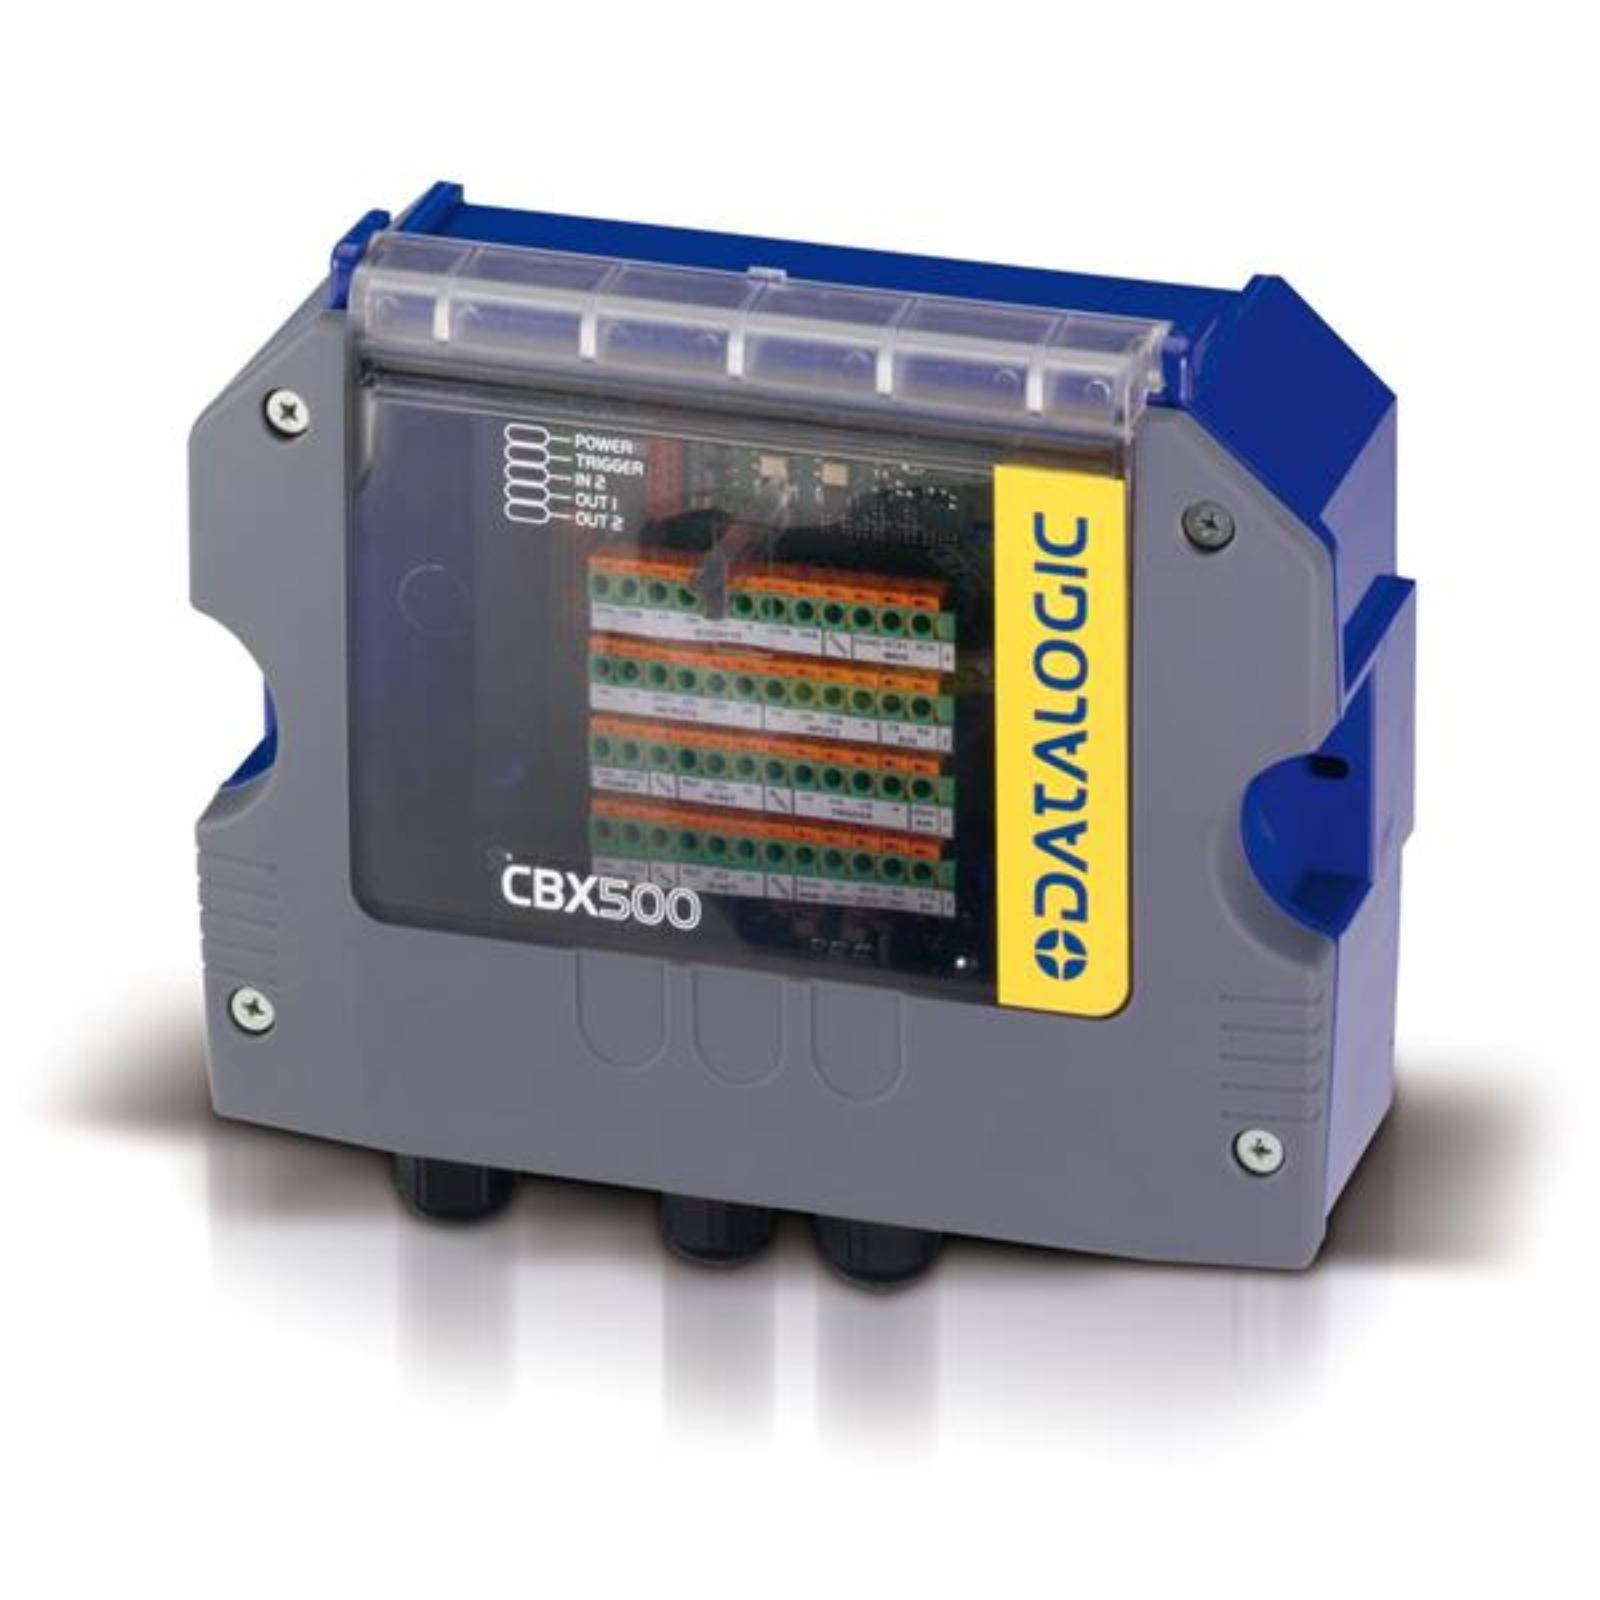 CBX500 Connection Box